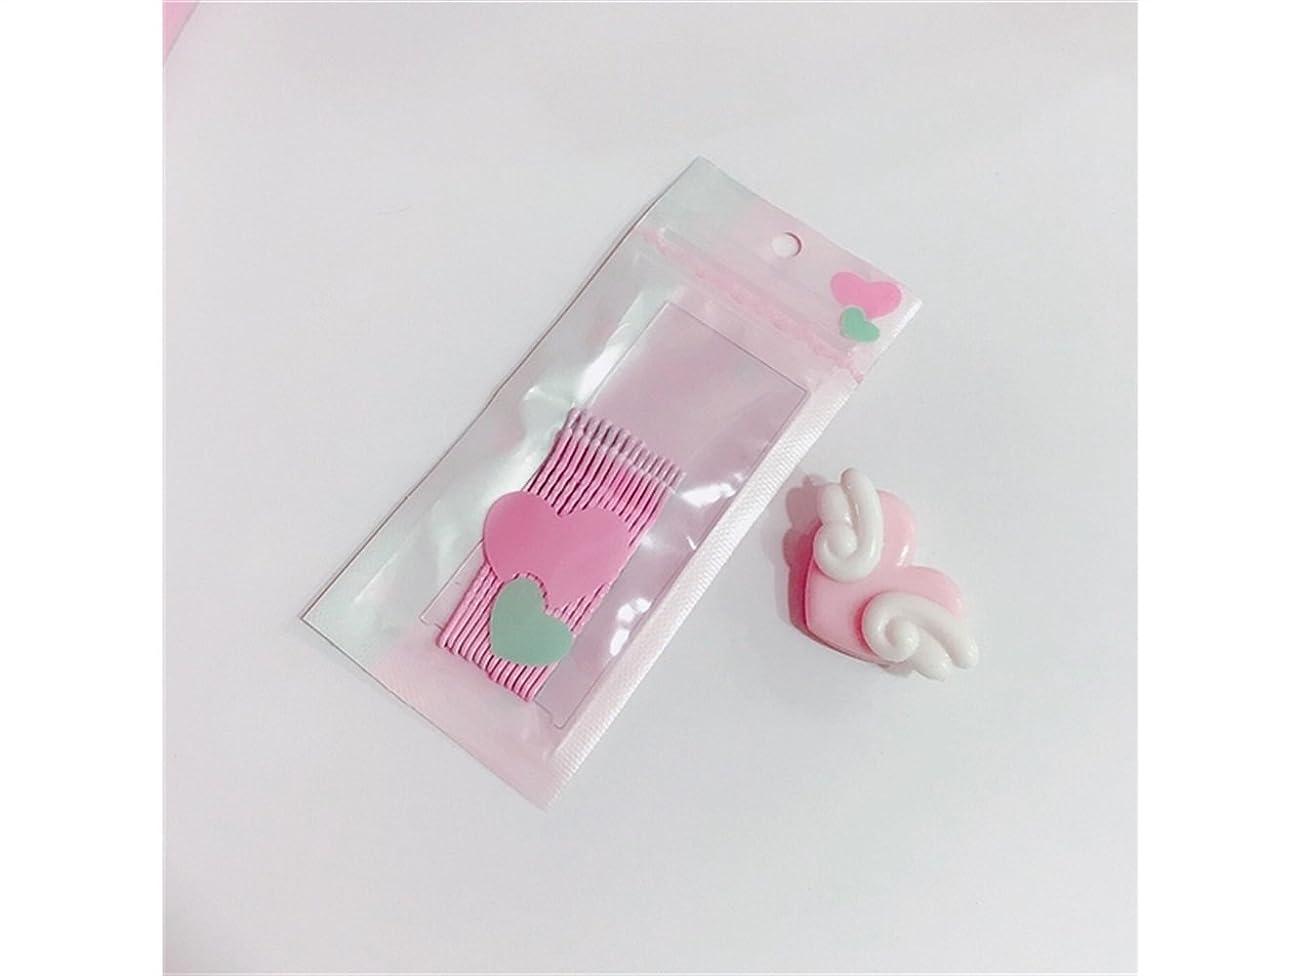 リズミカルなに慣れ次へOsize 美しいスタイル ワードクリップウェーブクリップキャンディーカラーヘアクリップバンズヘアピン(ライトピンク)